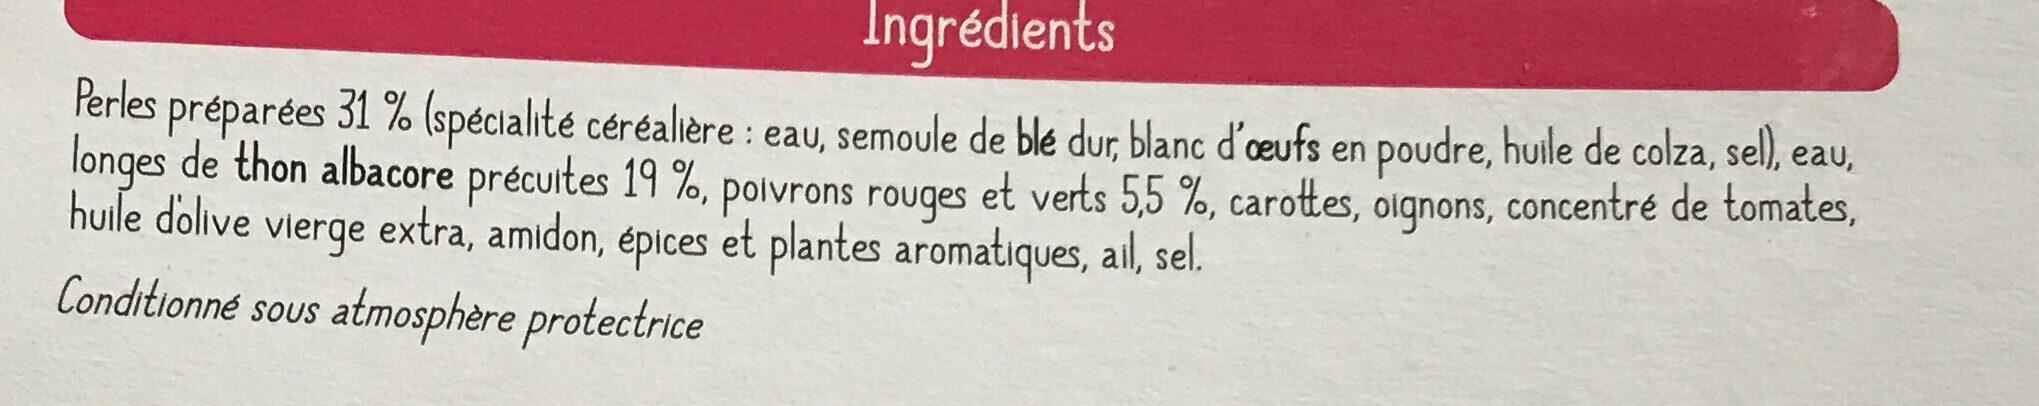 Piperade de thon et ses perles de blé - Ingrédients - fr